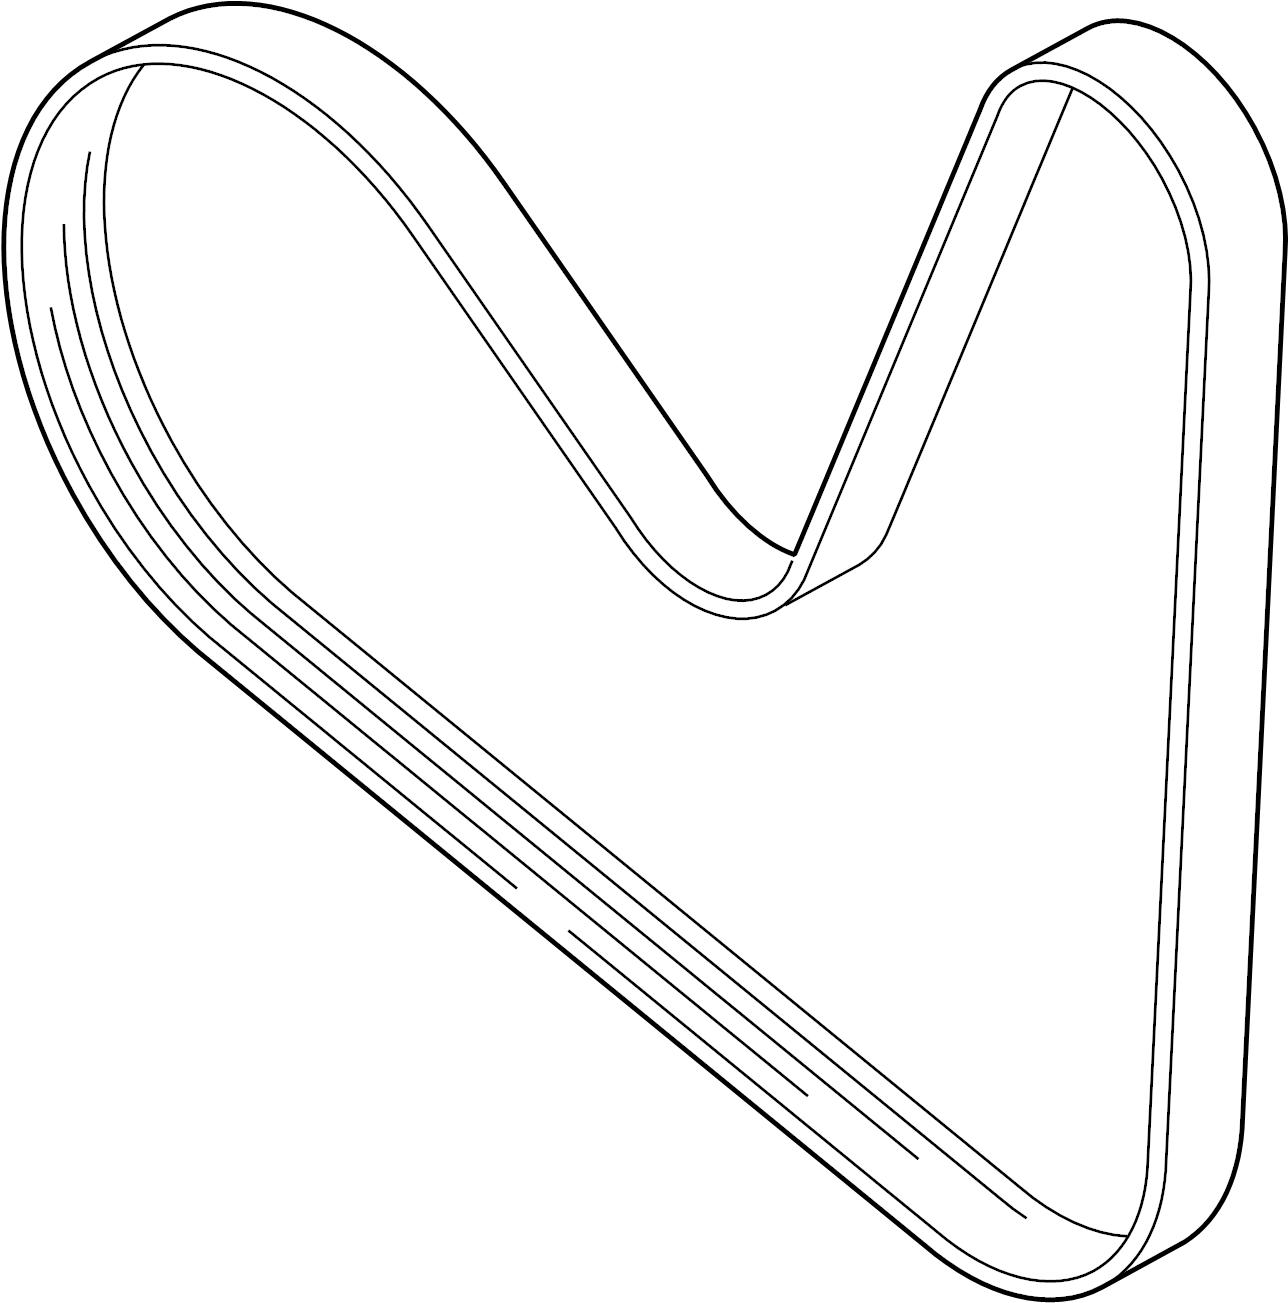 2016 volkswagen jetta ribbedbelt  serpentine belt